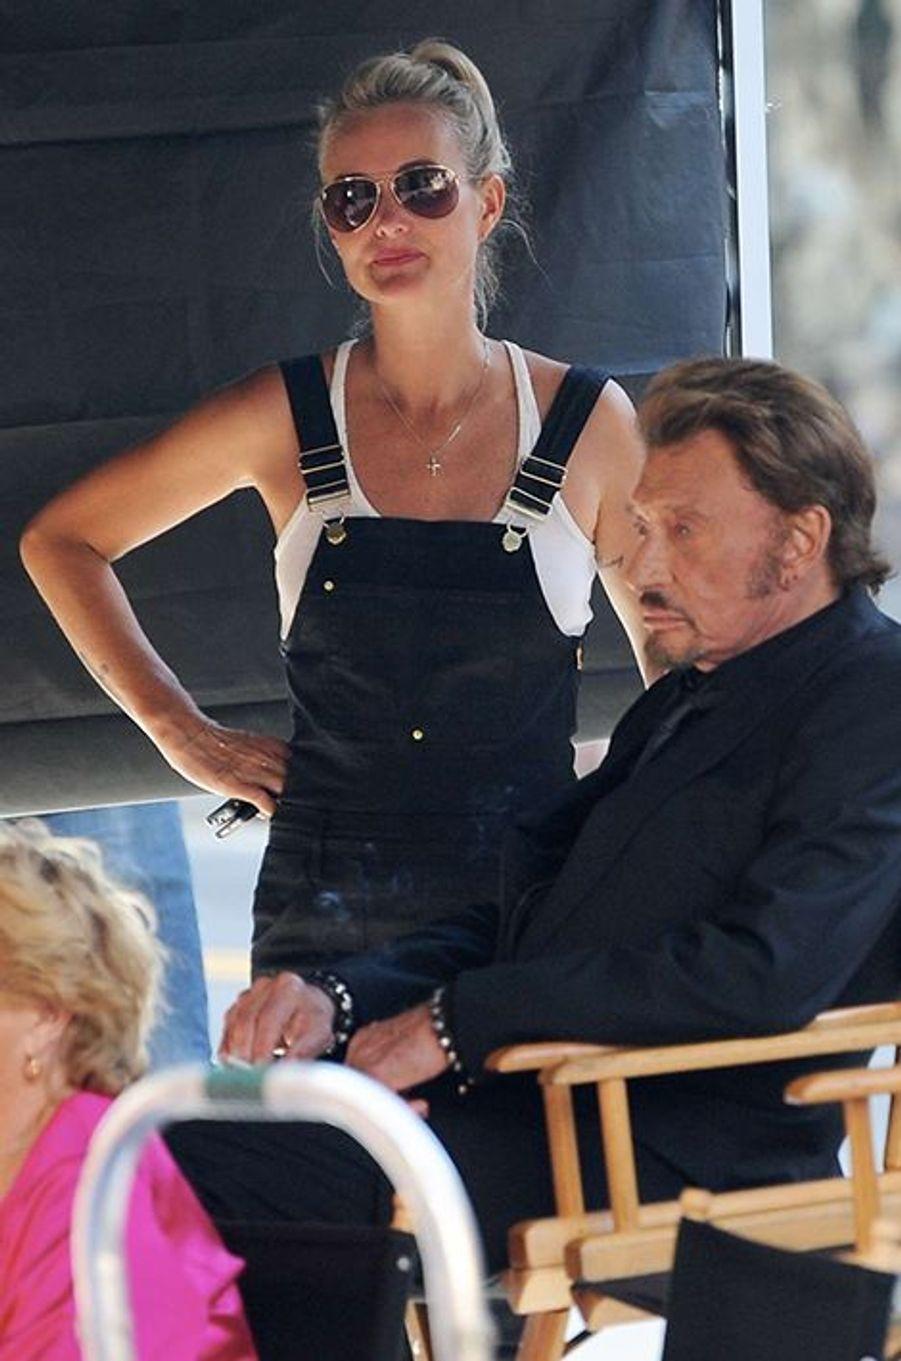 Johnny Hallyday sur le tournage de son nouveau clip à Los Angeles, en compagnie de sa femme Laeticia, le lundi 13 octobre 2014